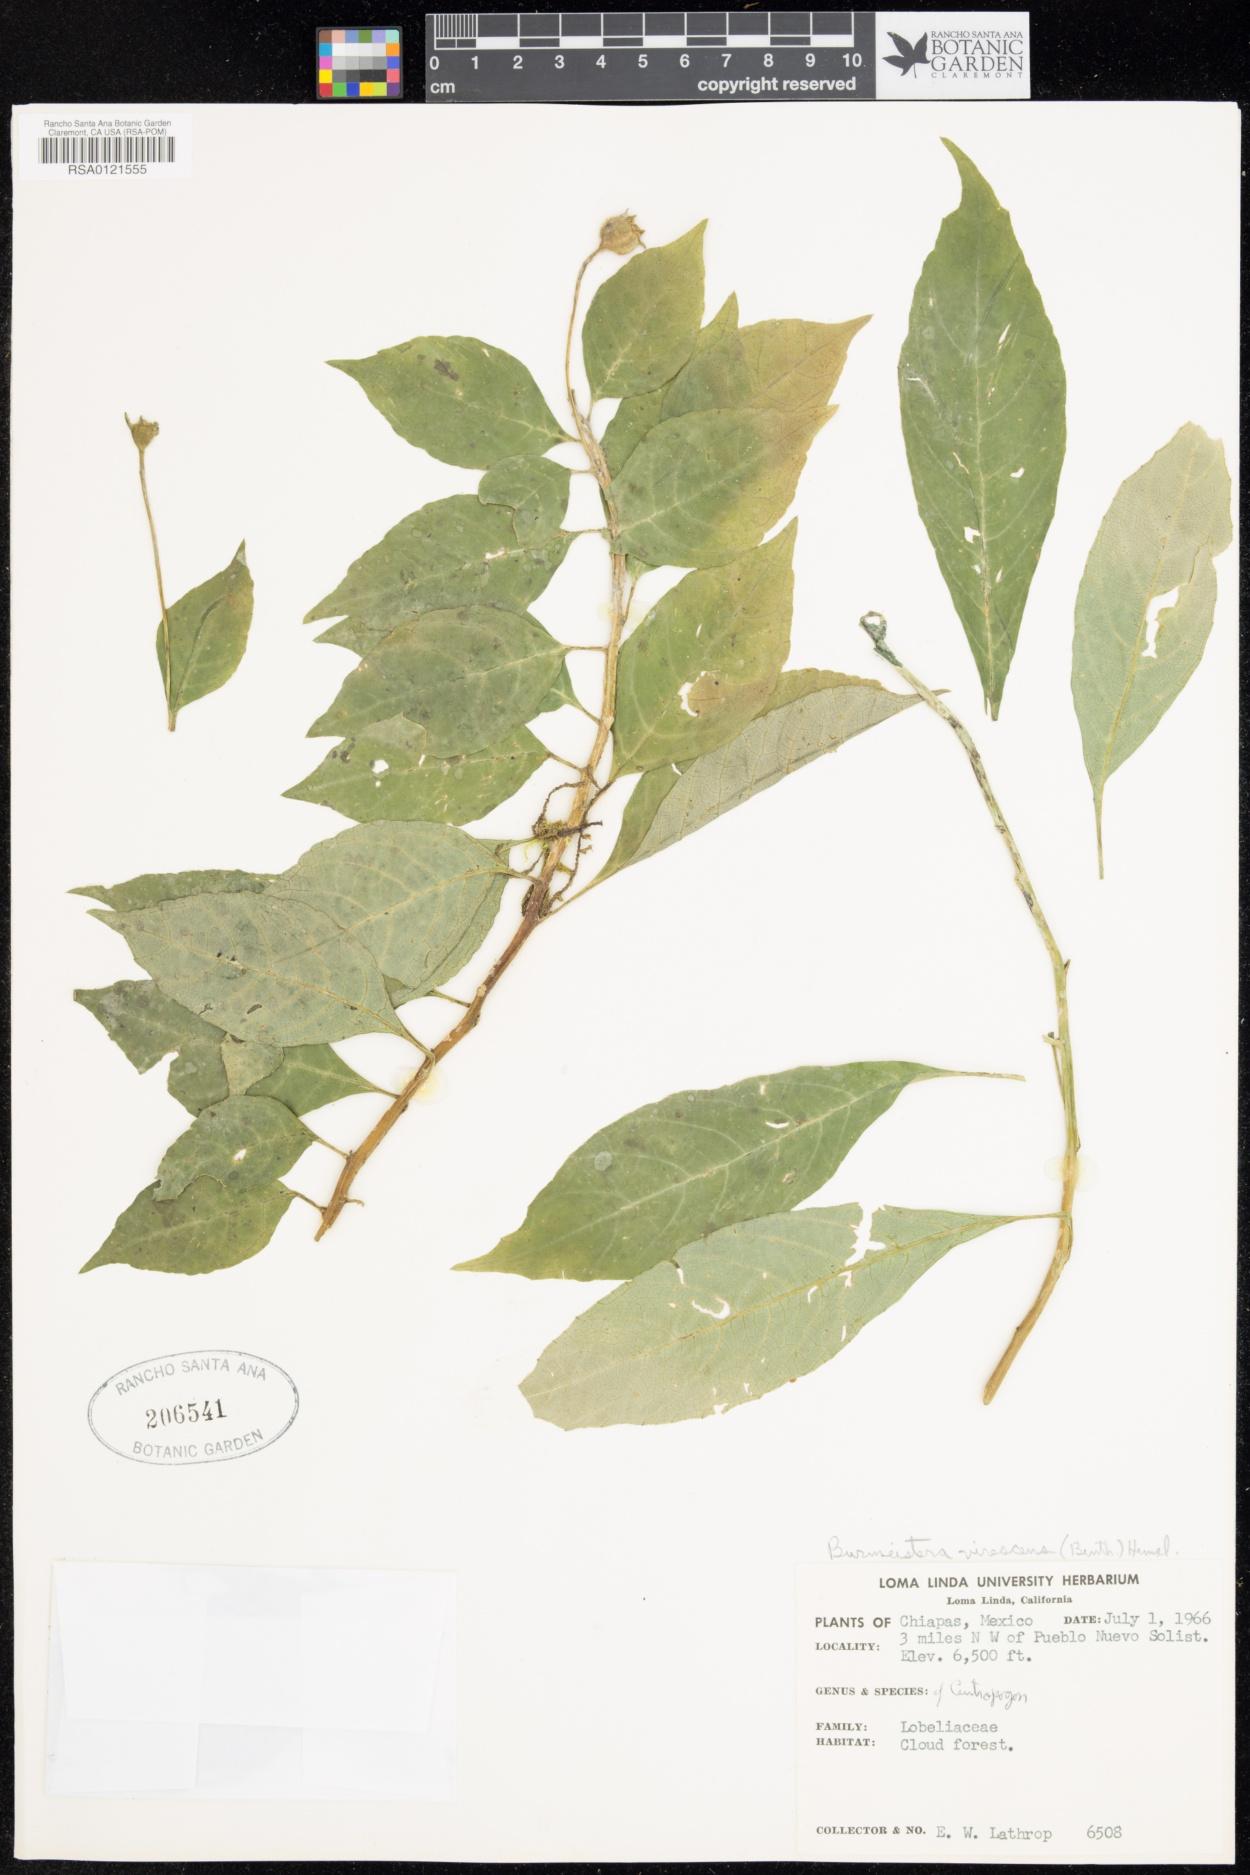 Burmeistera image